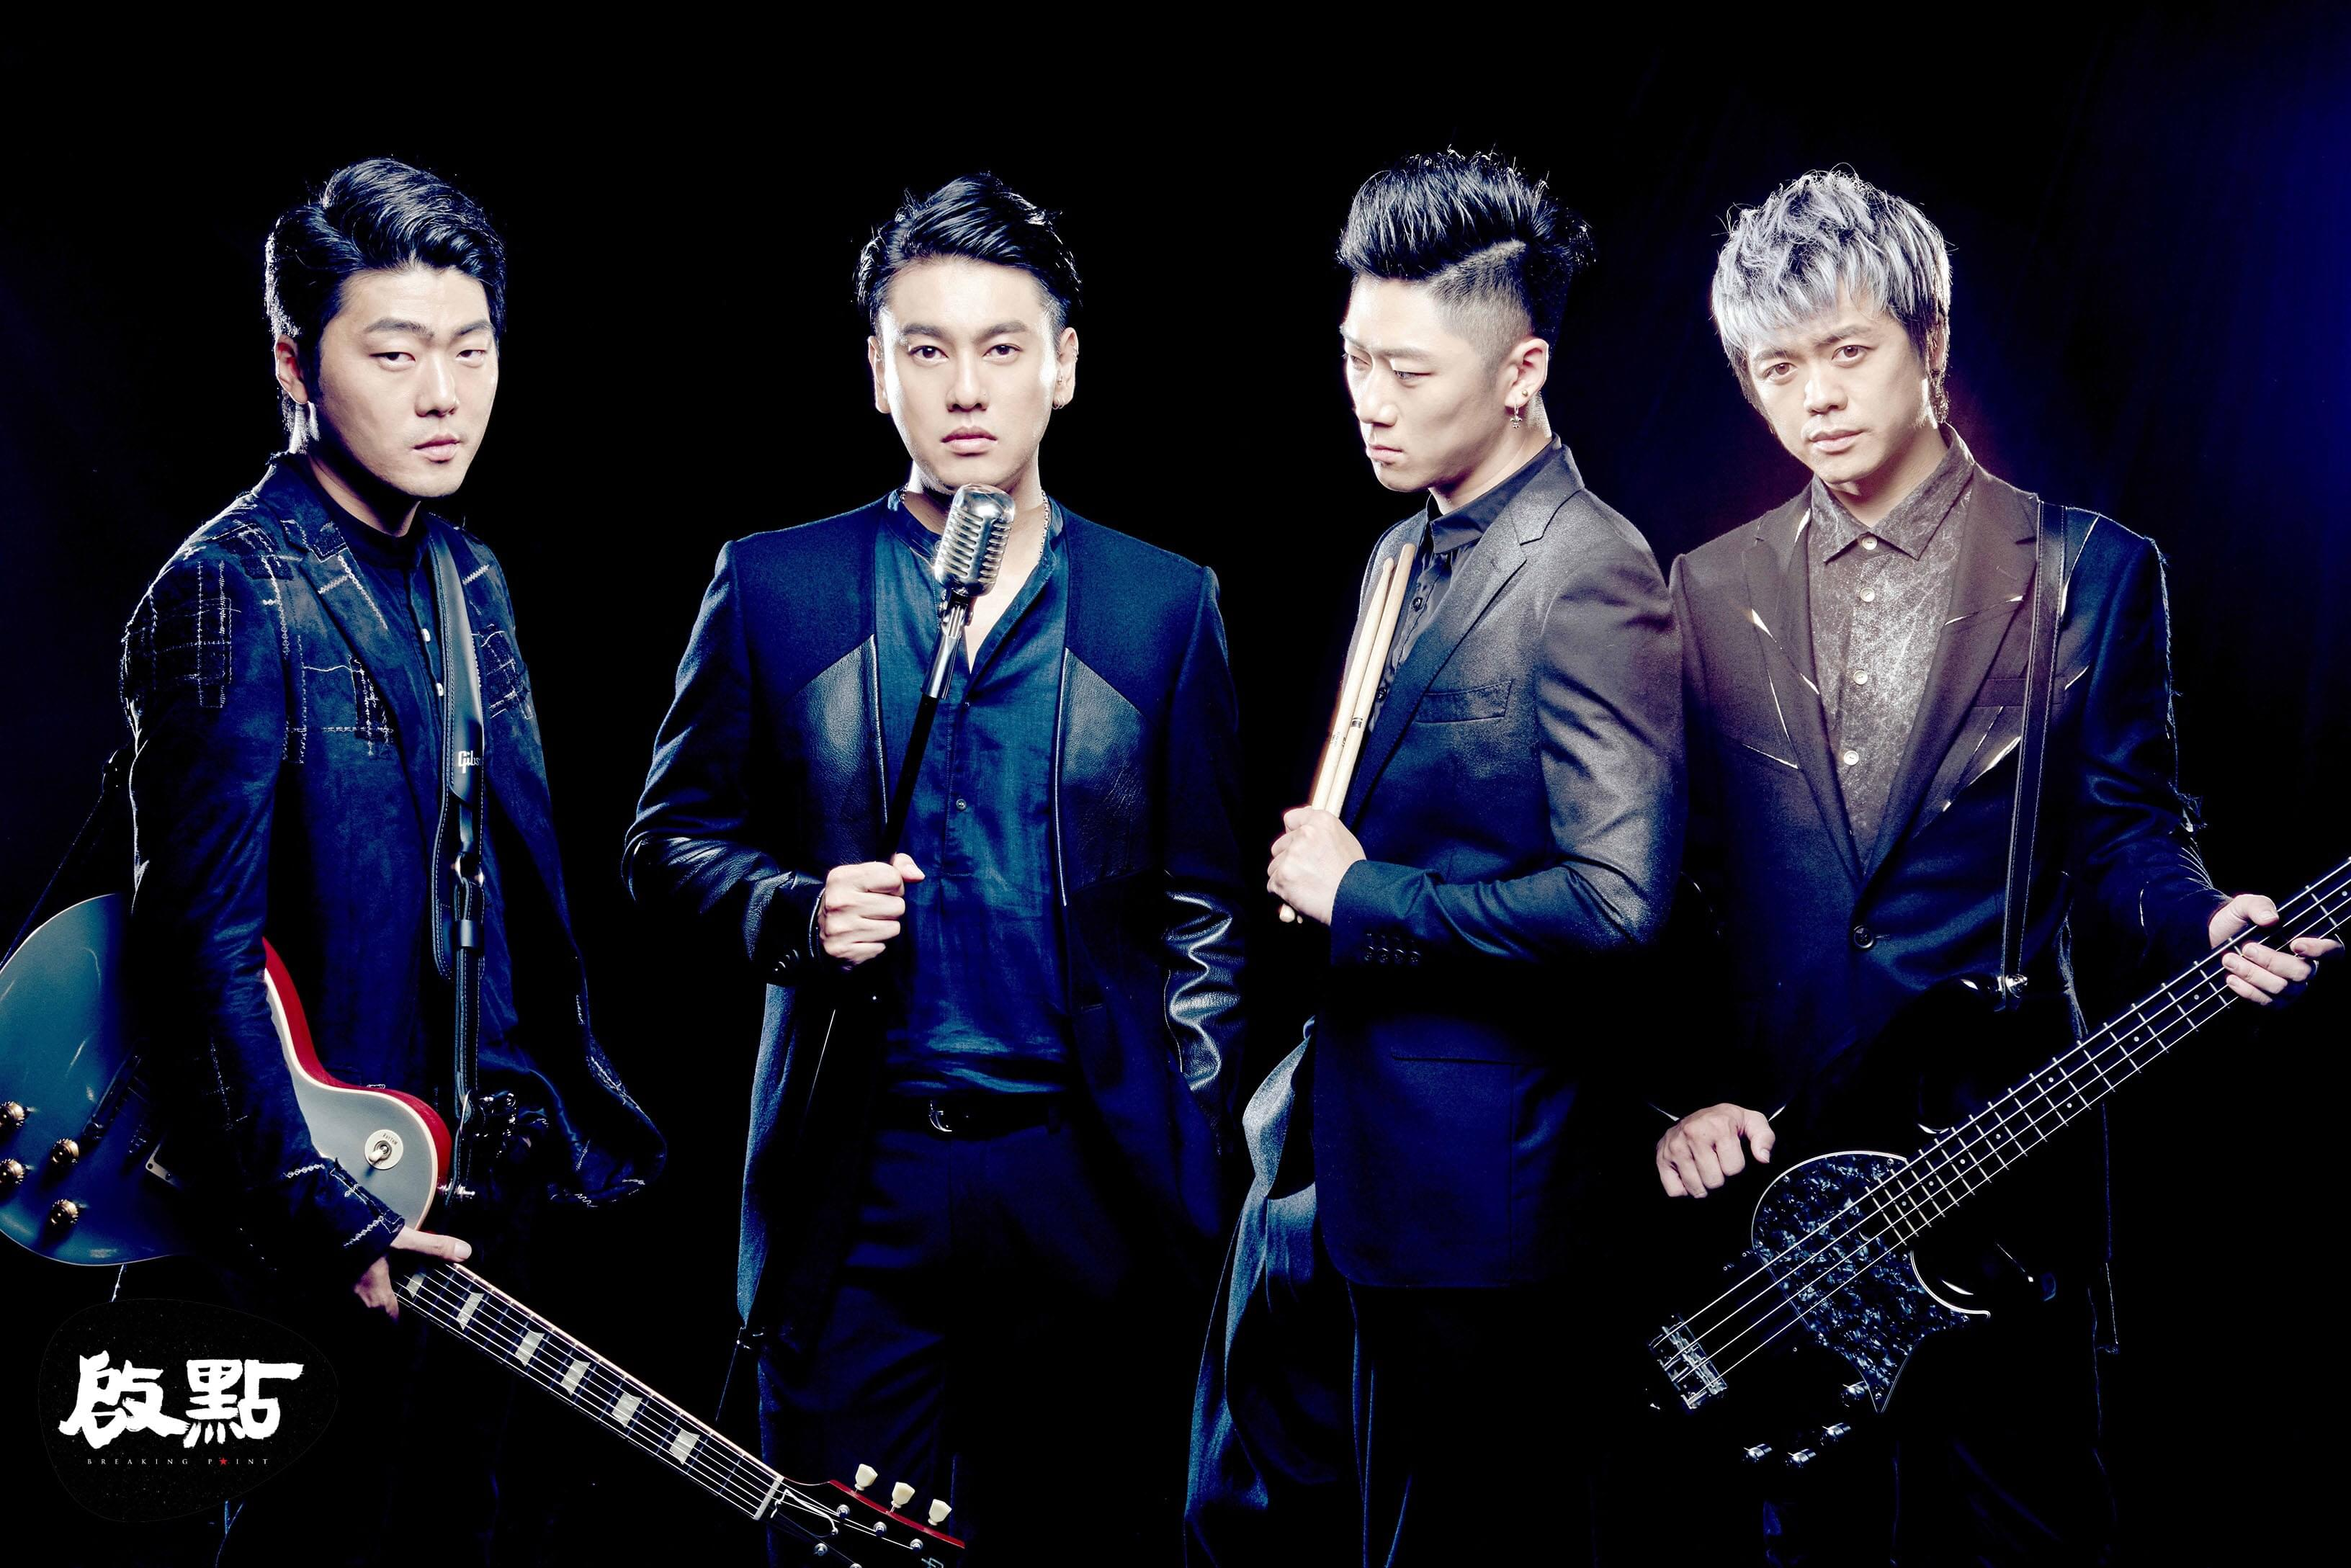 乐评:人生赢家朱孝天最新的挑战目标是组乐队